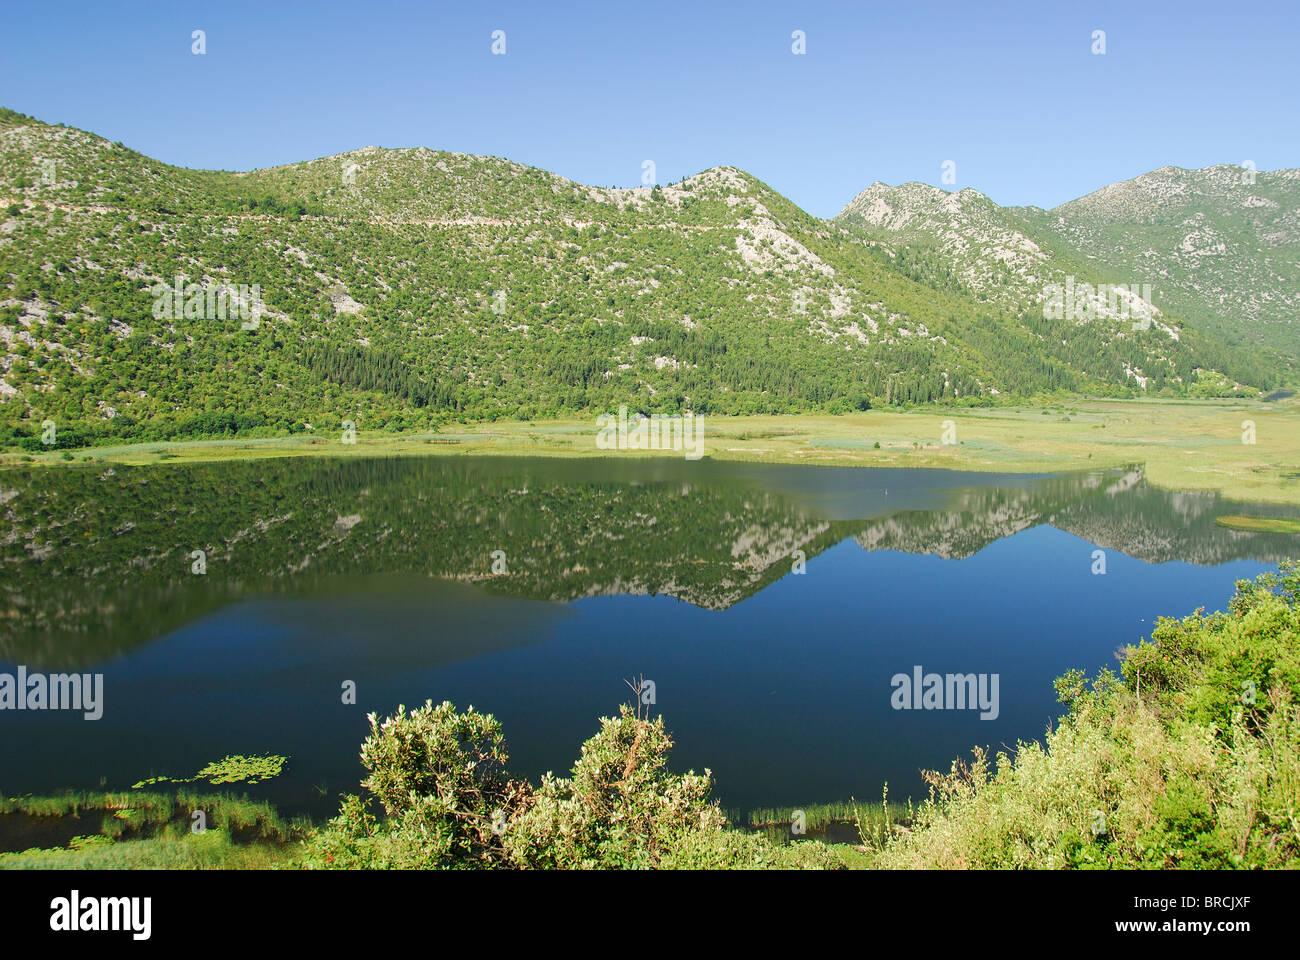 DALMATIAN COAST, CROATIA. The Neretva Delta near Ploce in southern Dalmatia. - Stock Image